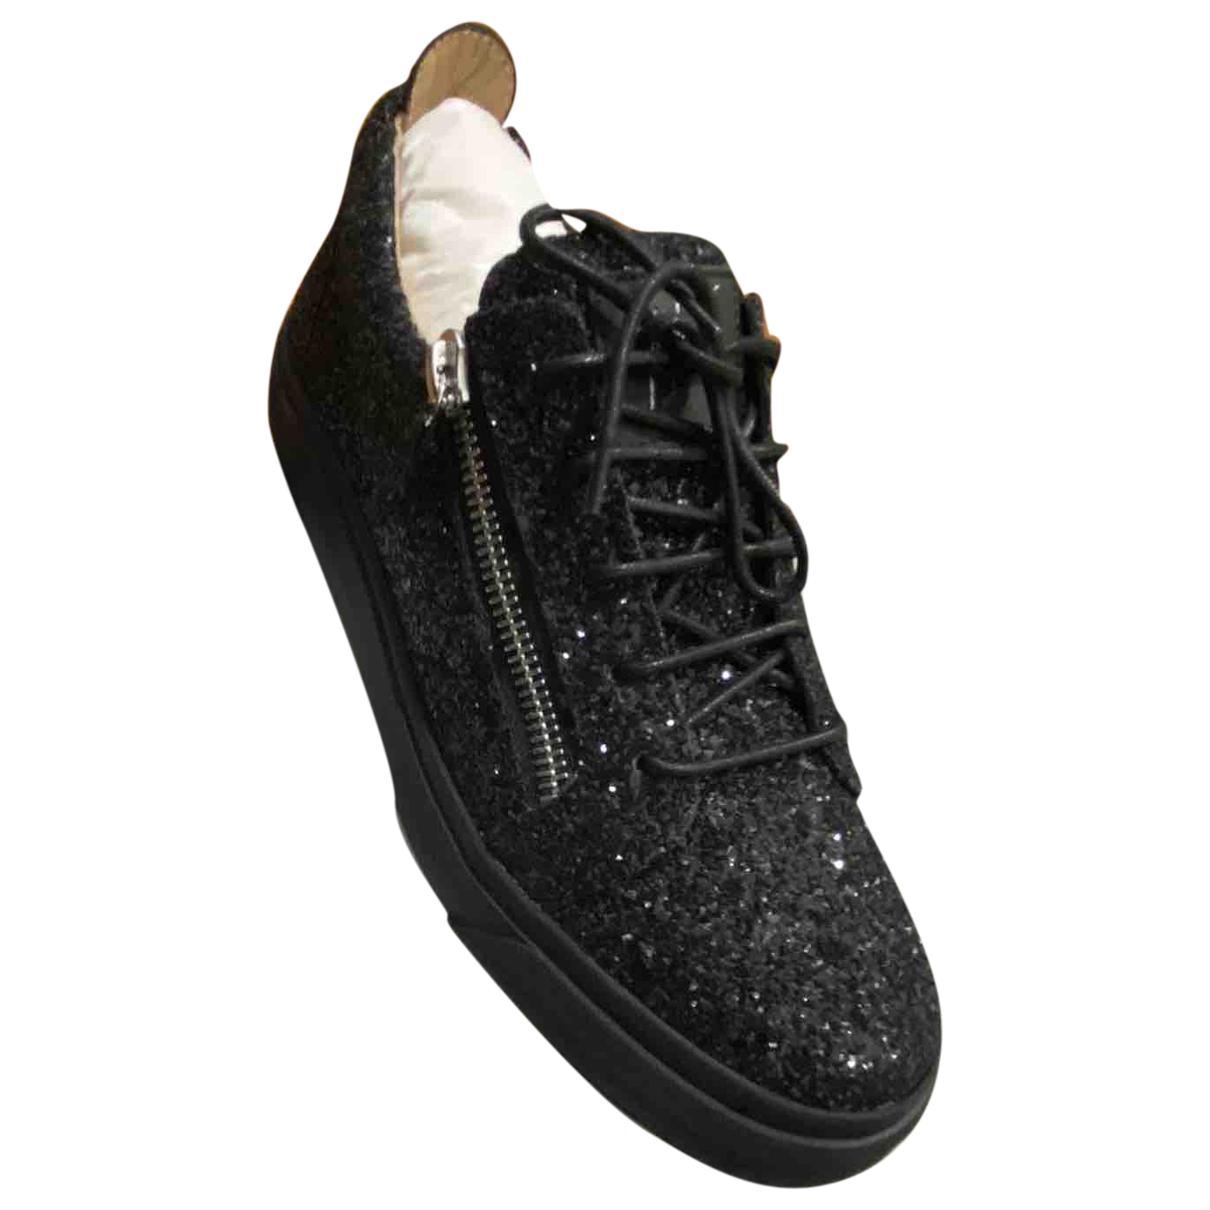 Giuseppe Zanotti - Baskets   pour homme en a paillettes - noir